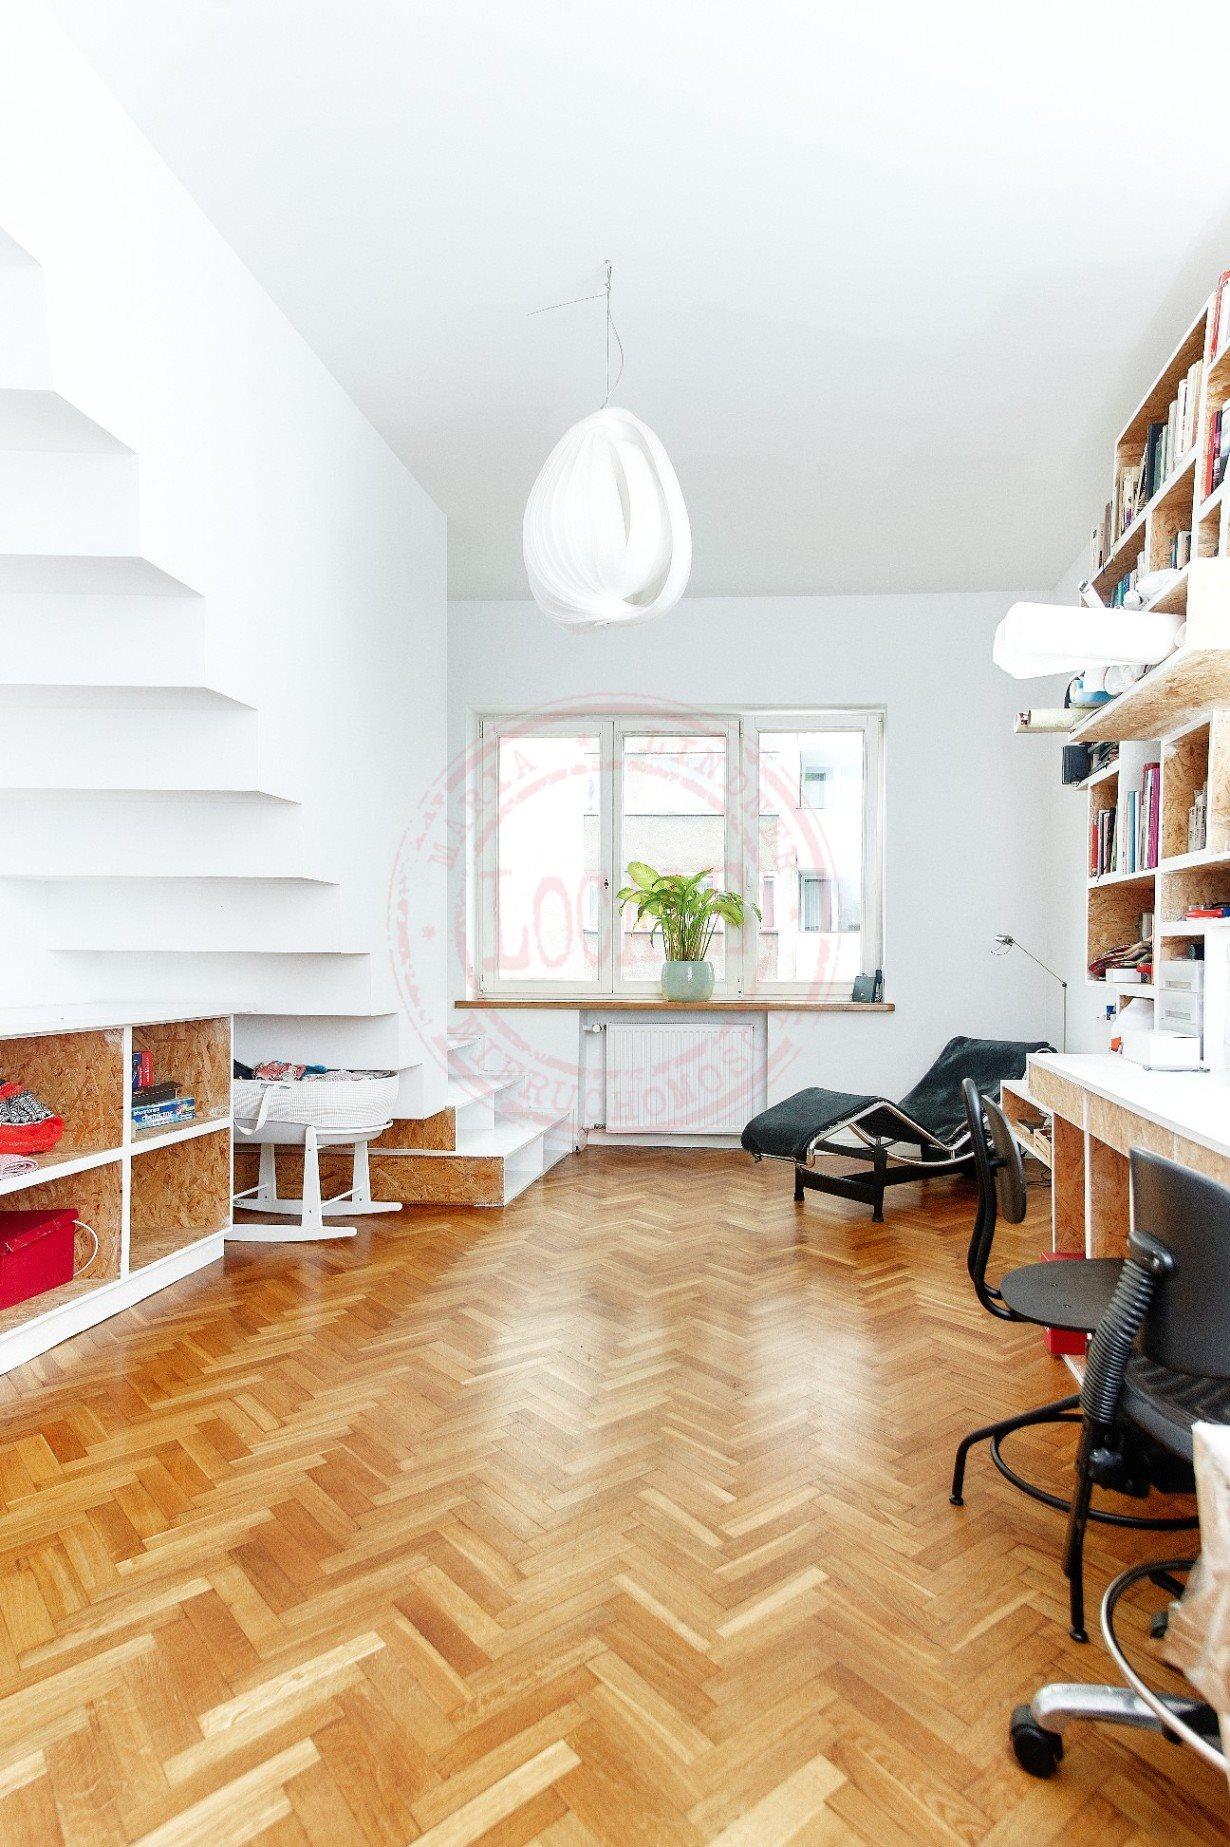 Mieszkanie na sprzedaż Warszawa, Śródmieście, okolice Belwederskiej  130m2 Foto 5